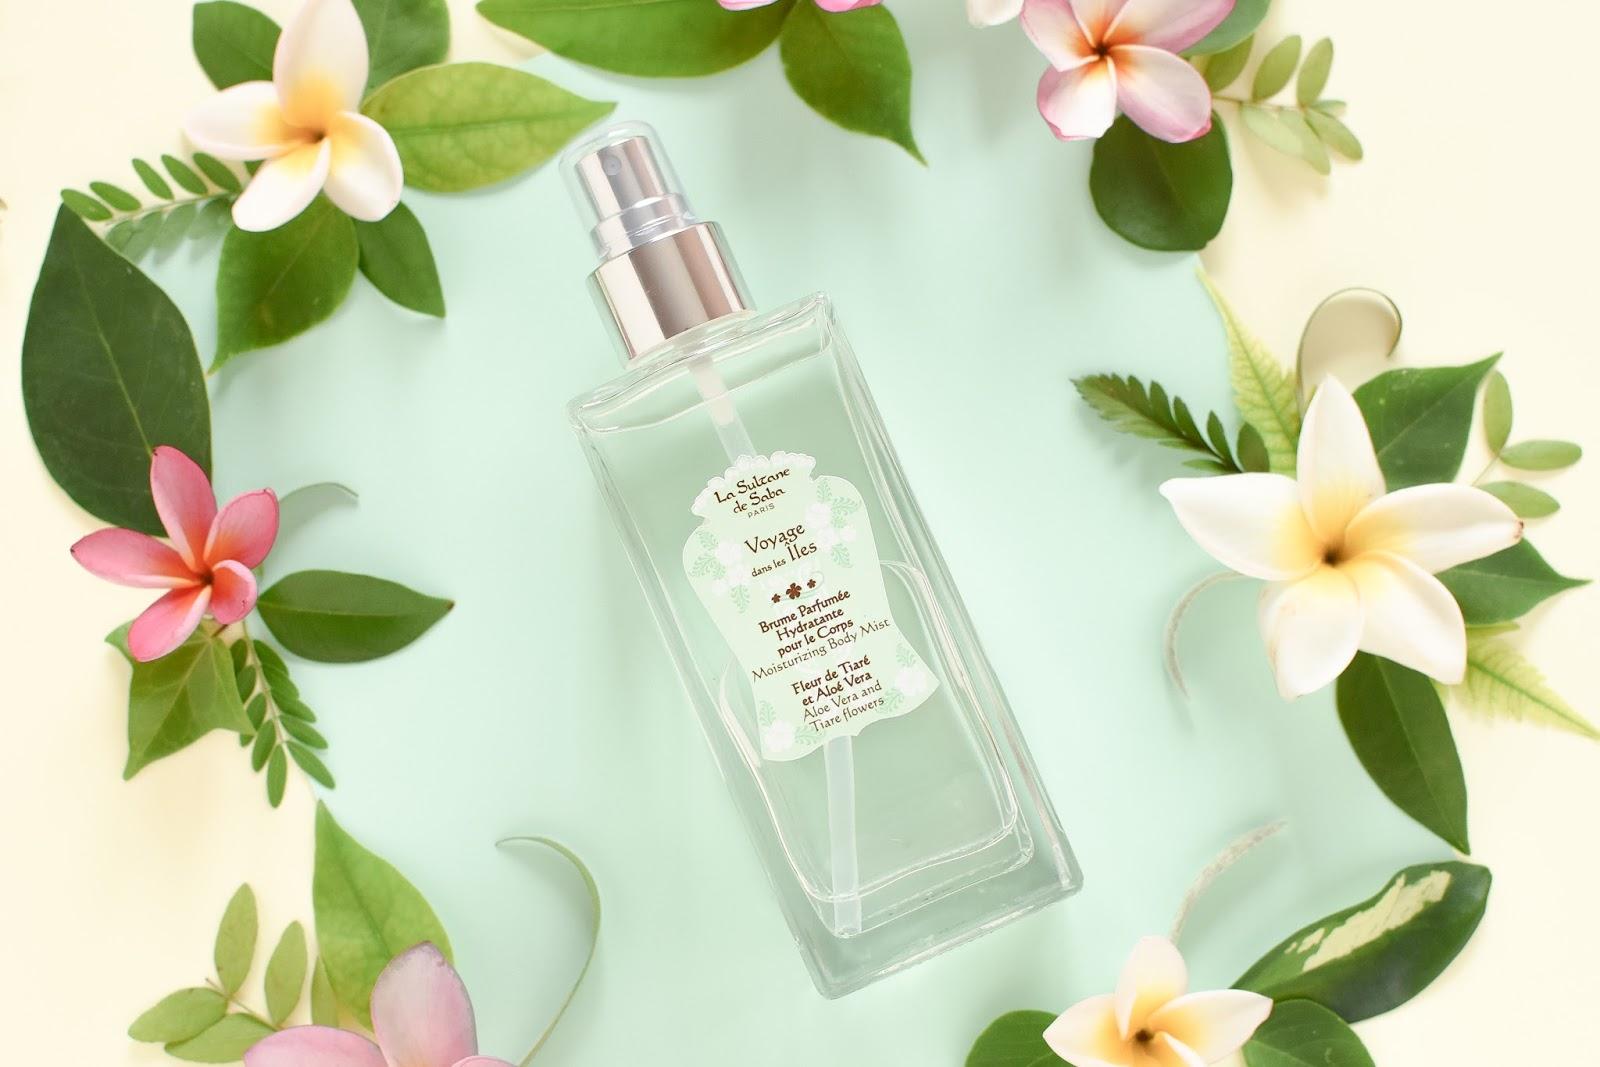 Bruma corporal perfumada For de Tiaré y Aloe Vera La Sultane de Saba